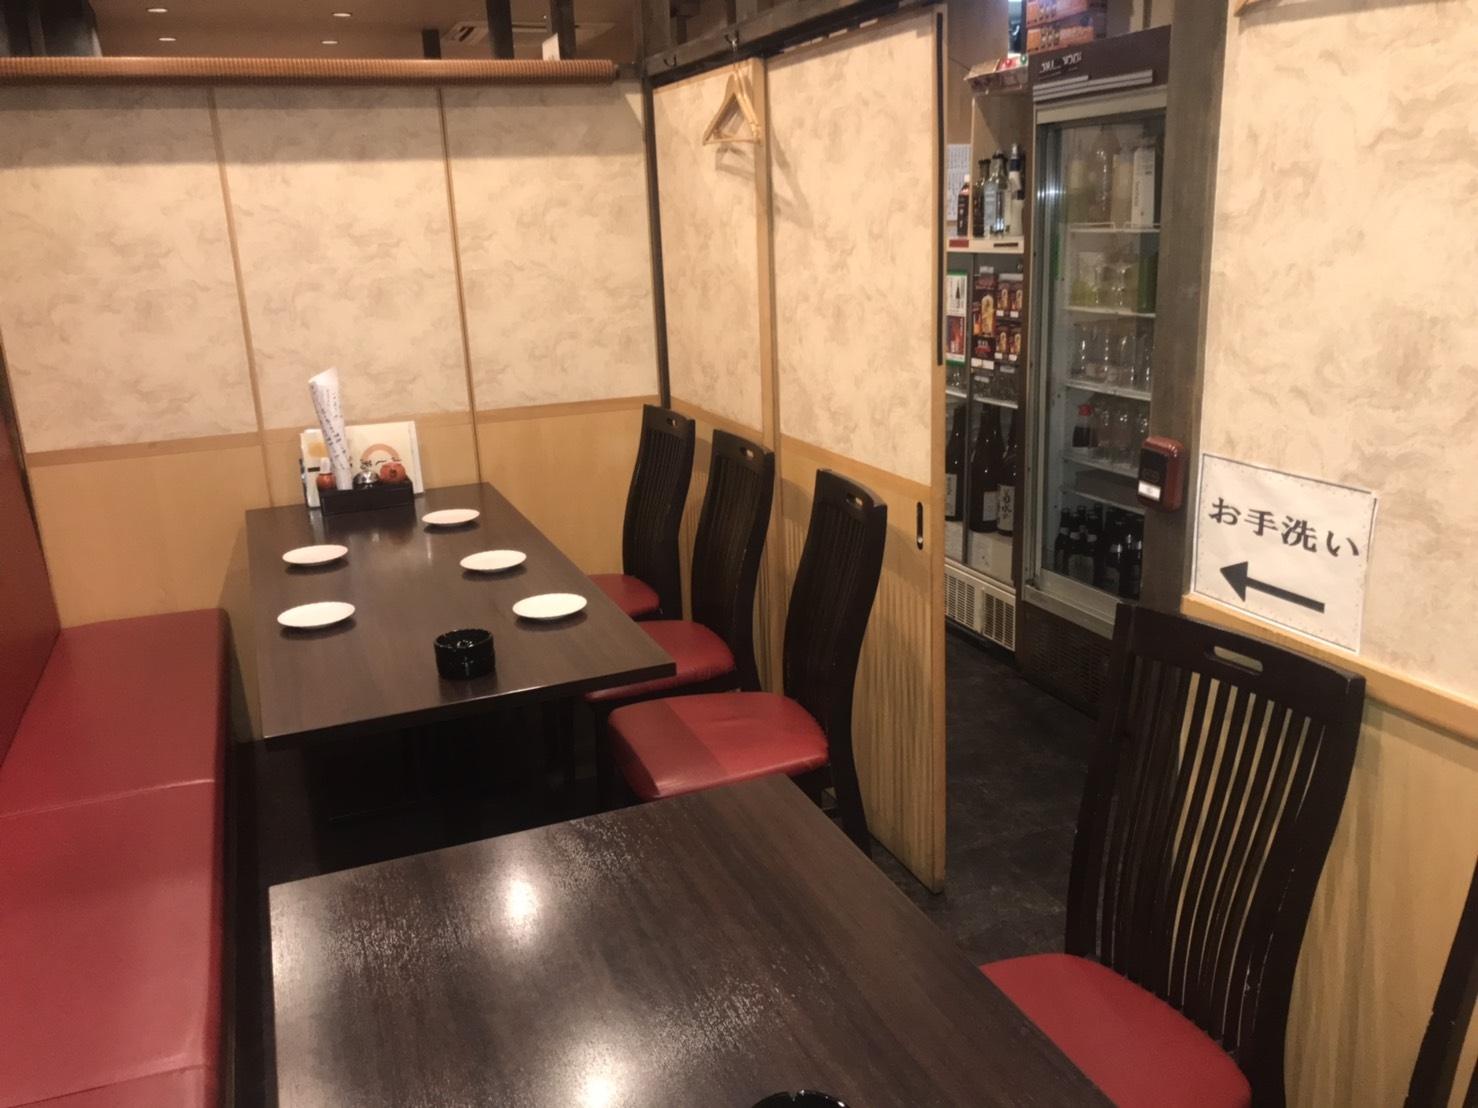 堺筋本町の居抜き物件